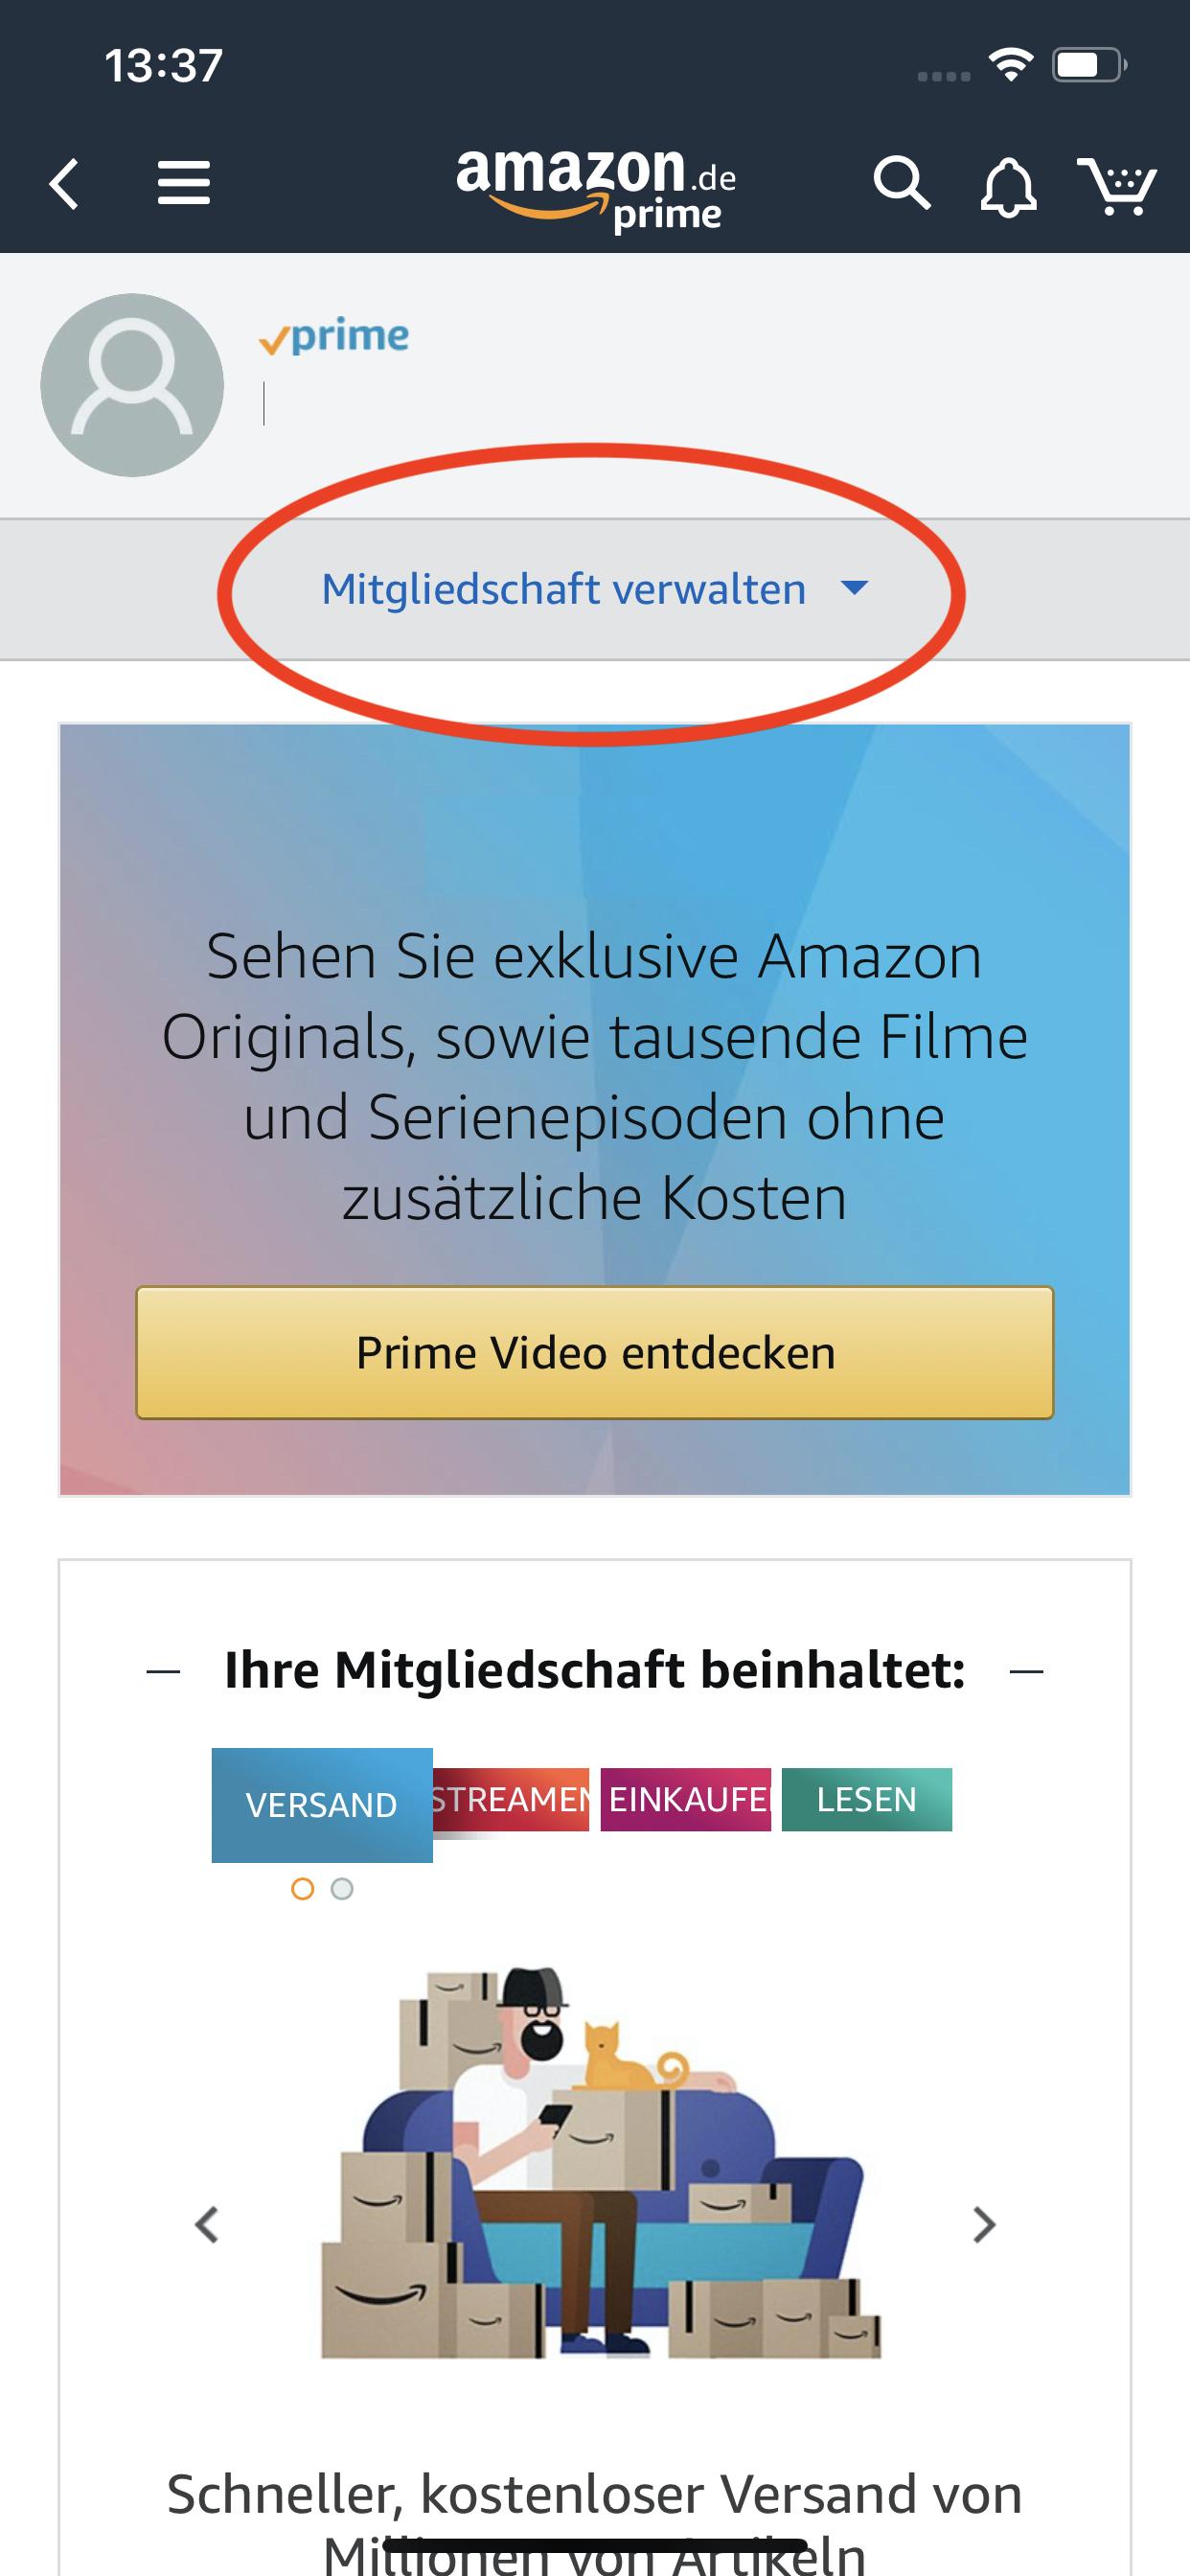 Amazon Prime Video:Abo kündigen in der App oder im mobilen Browser